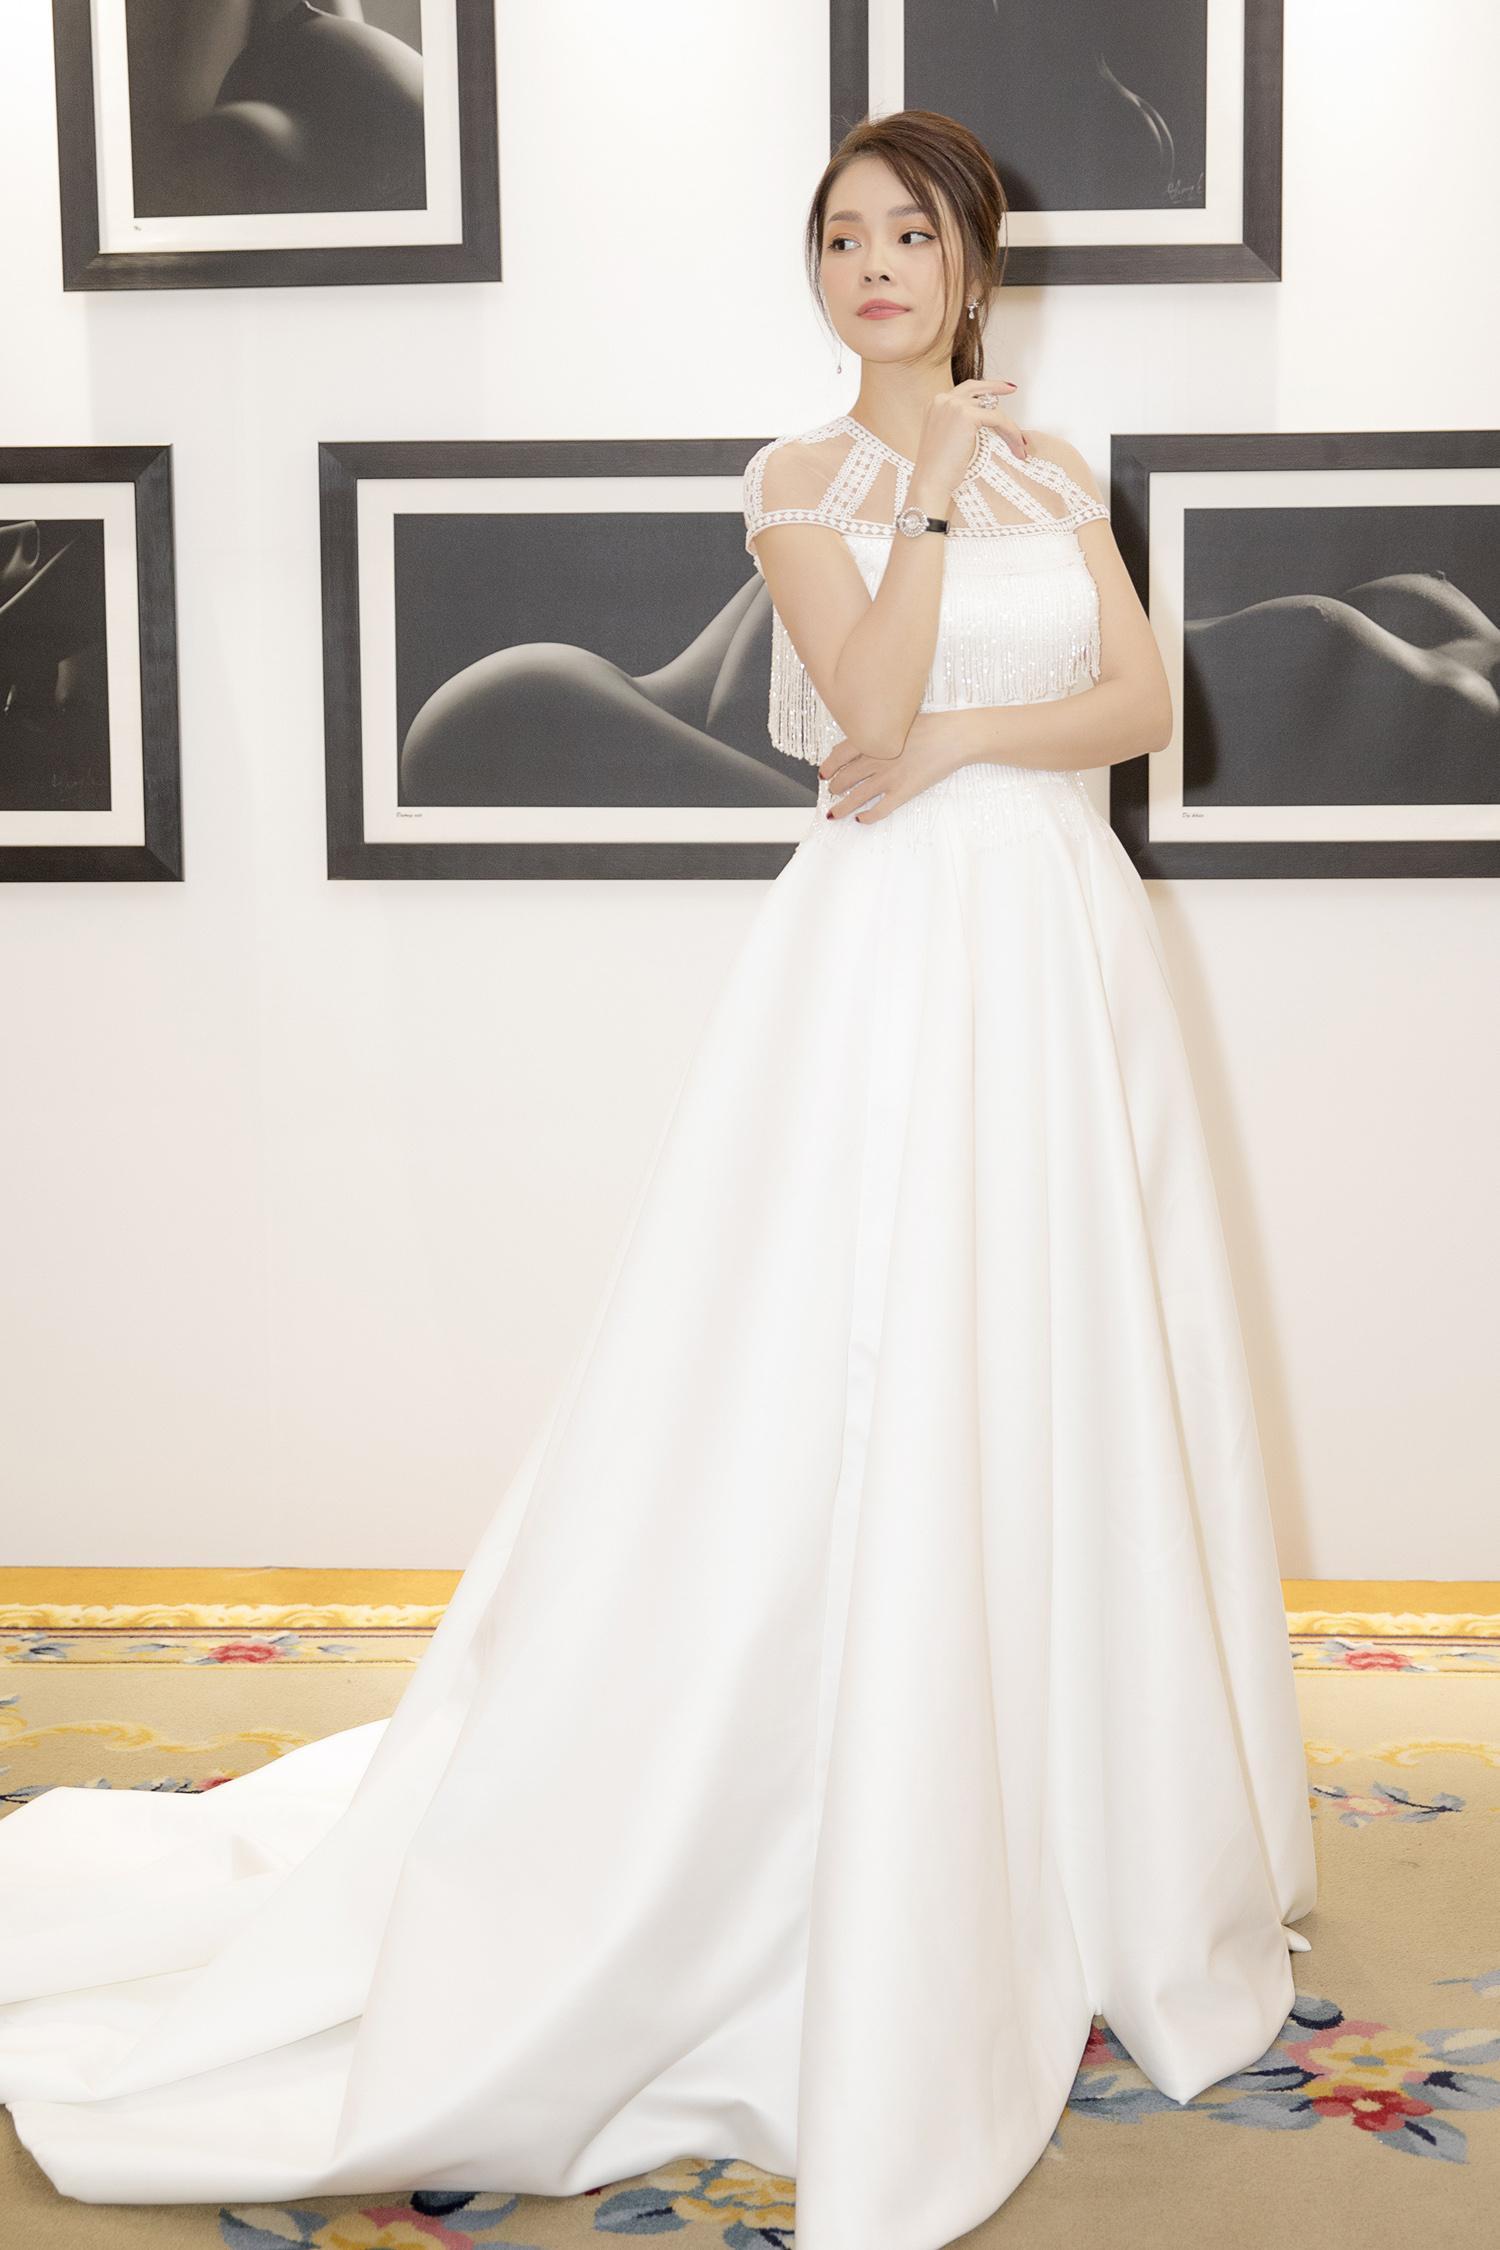 Dương Cẩm Lynh bất ngờ mặc váy cưới khiến khán giả tò mò Ảnh 7